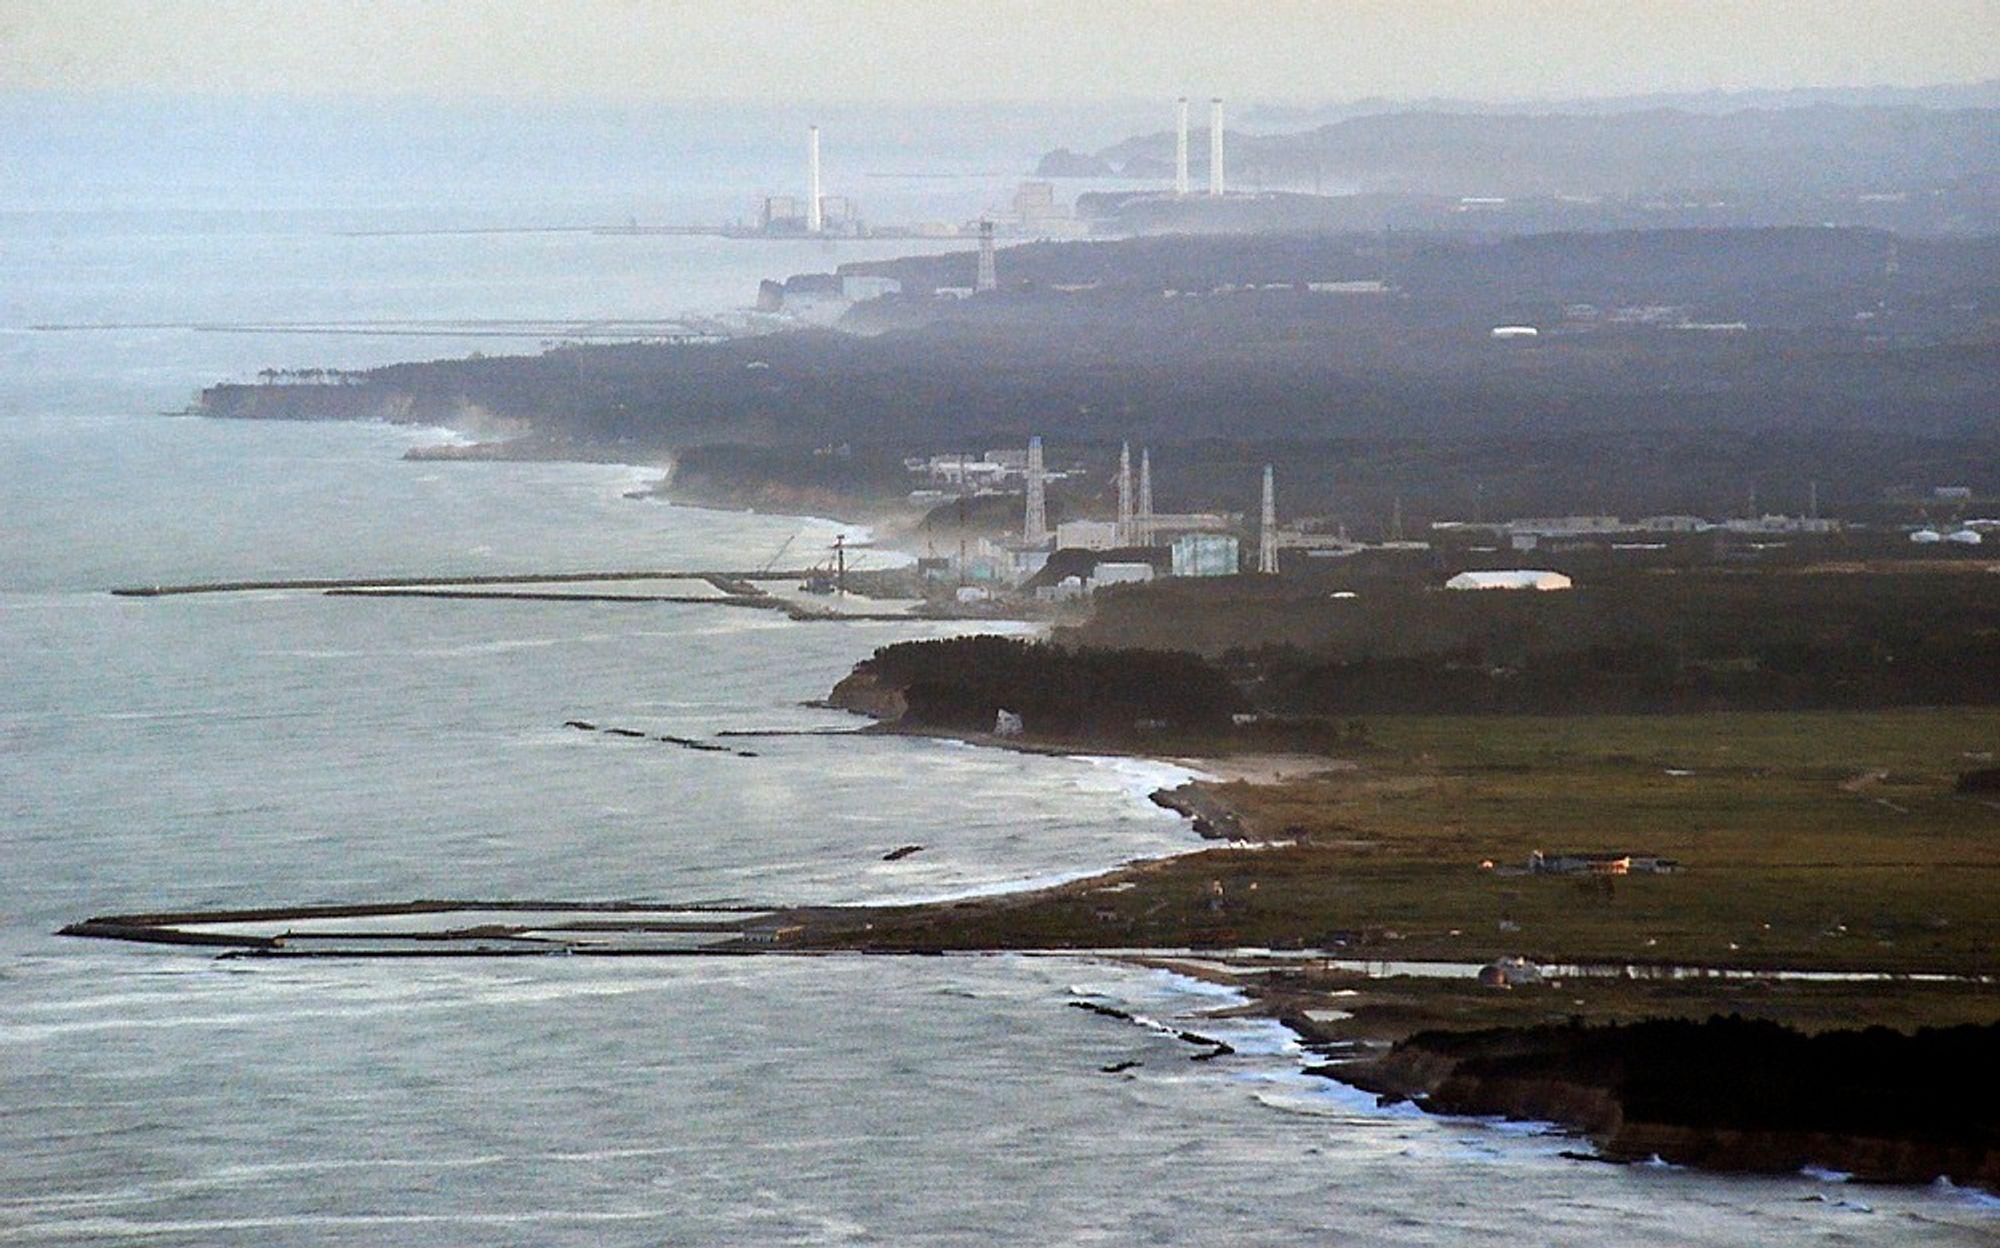 Flyfoto av atomkraftverket Fukushima Daiichi i Japan. En alvorlig krise oppsto ved kraftverket i fjor da en tsunami rammet kysten etter et kraftig jordskjelv. Problemene førte til utslipp av radioaktive stoffer.